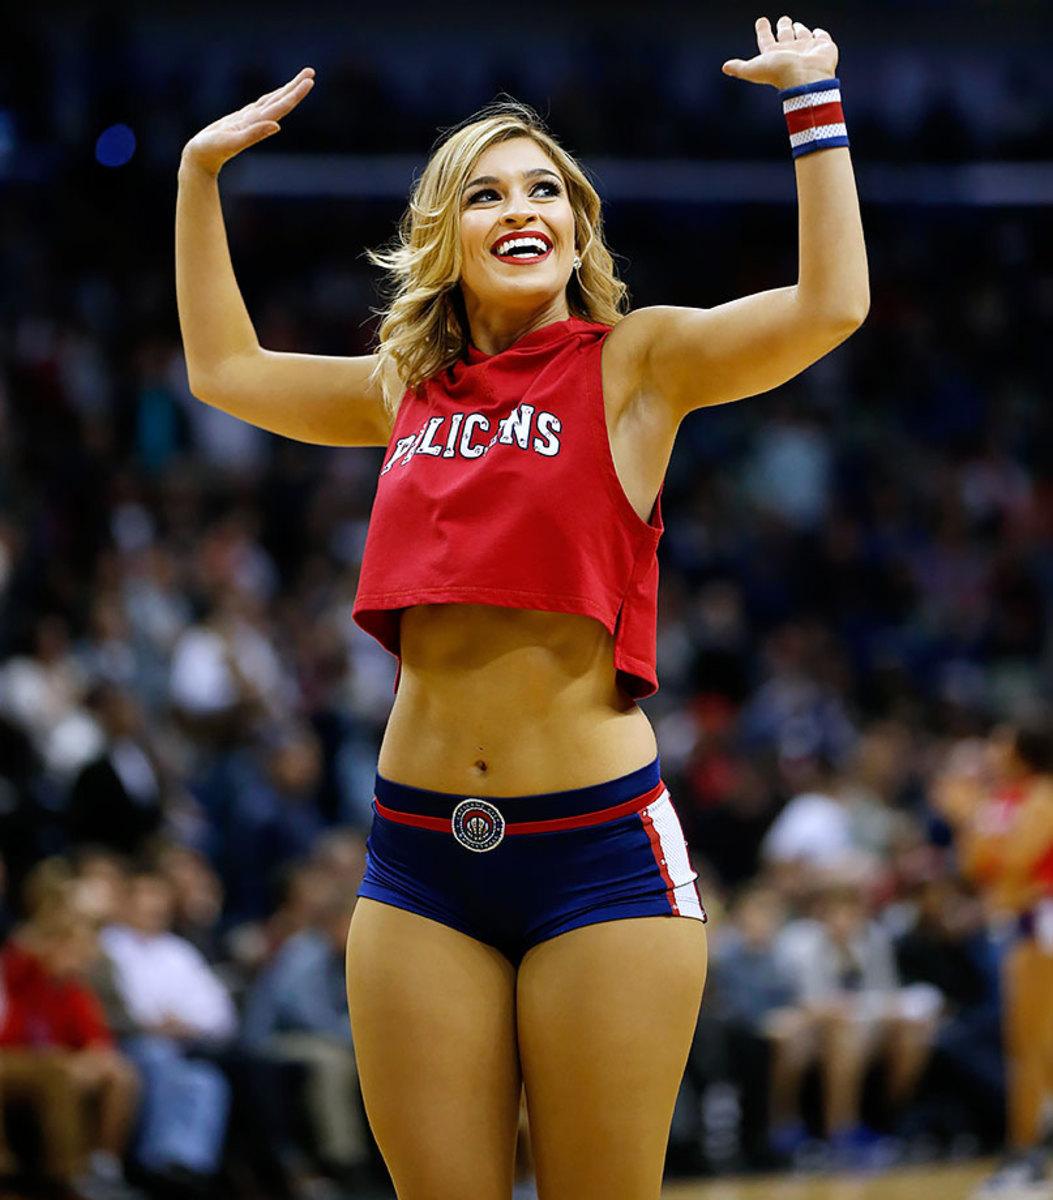 New-Orleans-Pelicans-Dancers-329ca6b69763456b954c47e4401068ea-0.jpg